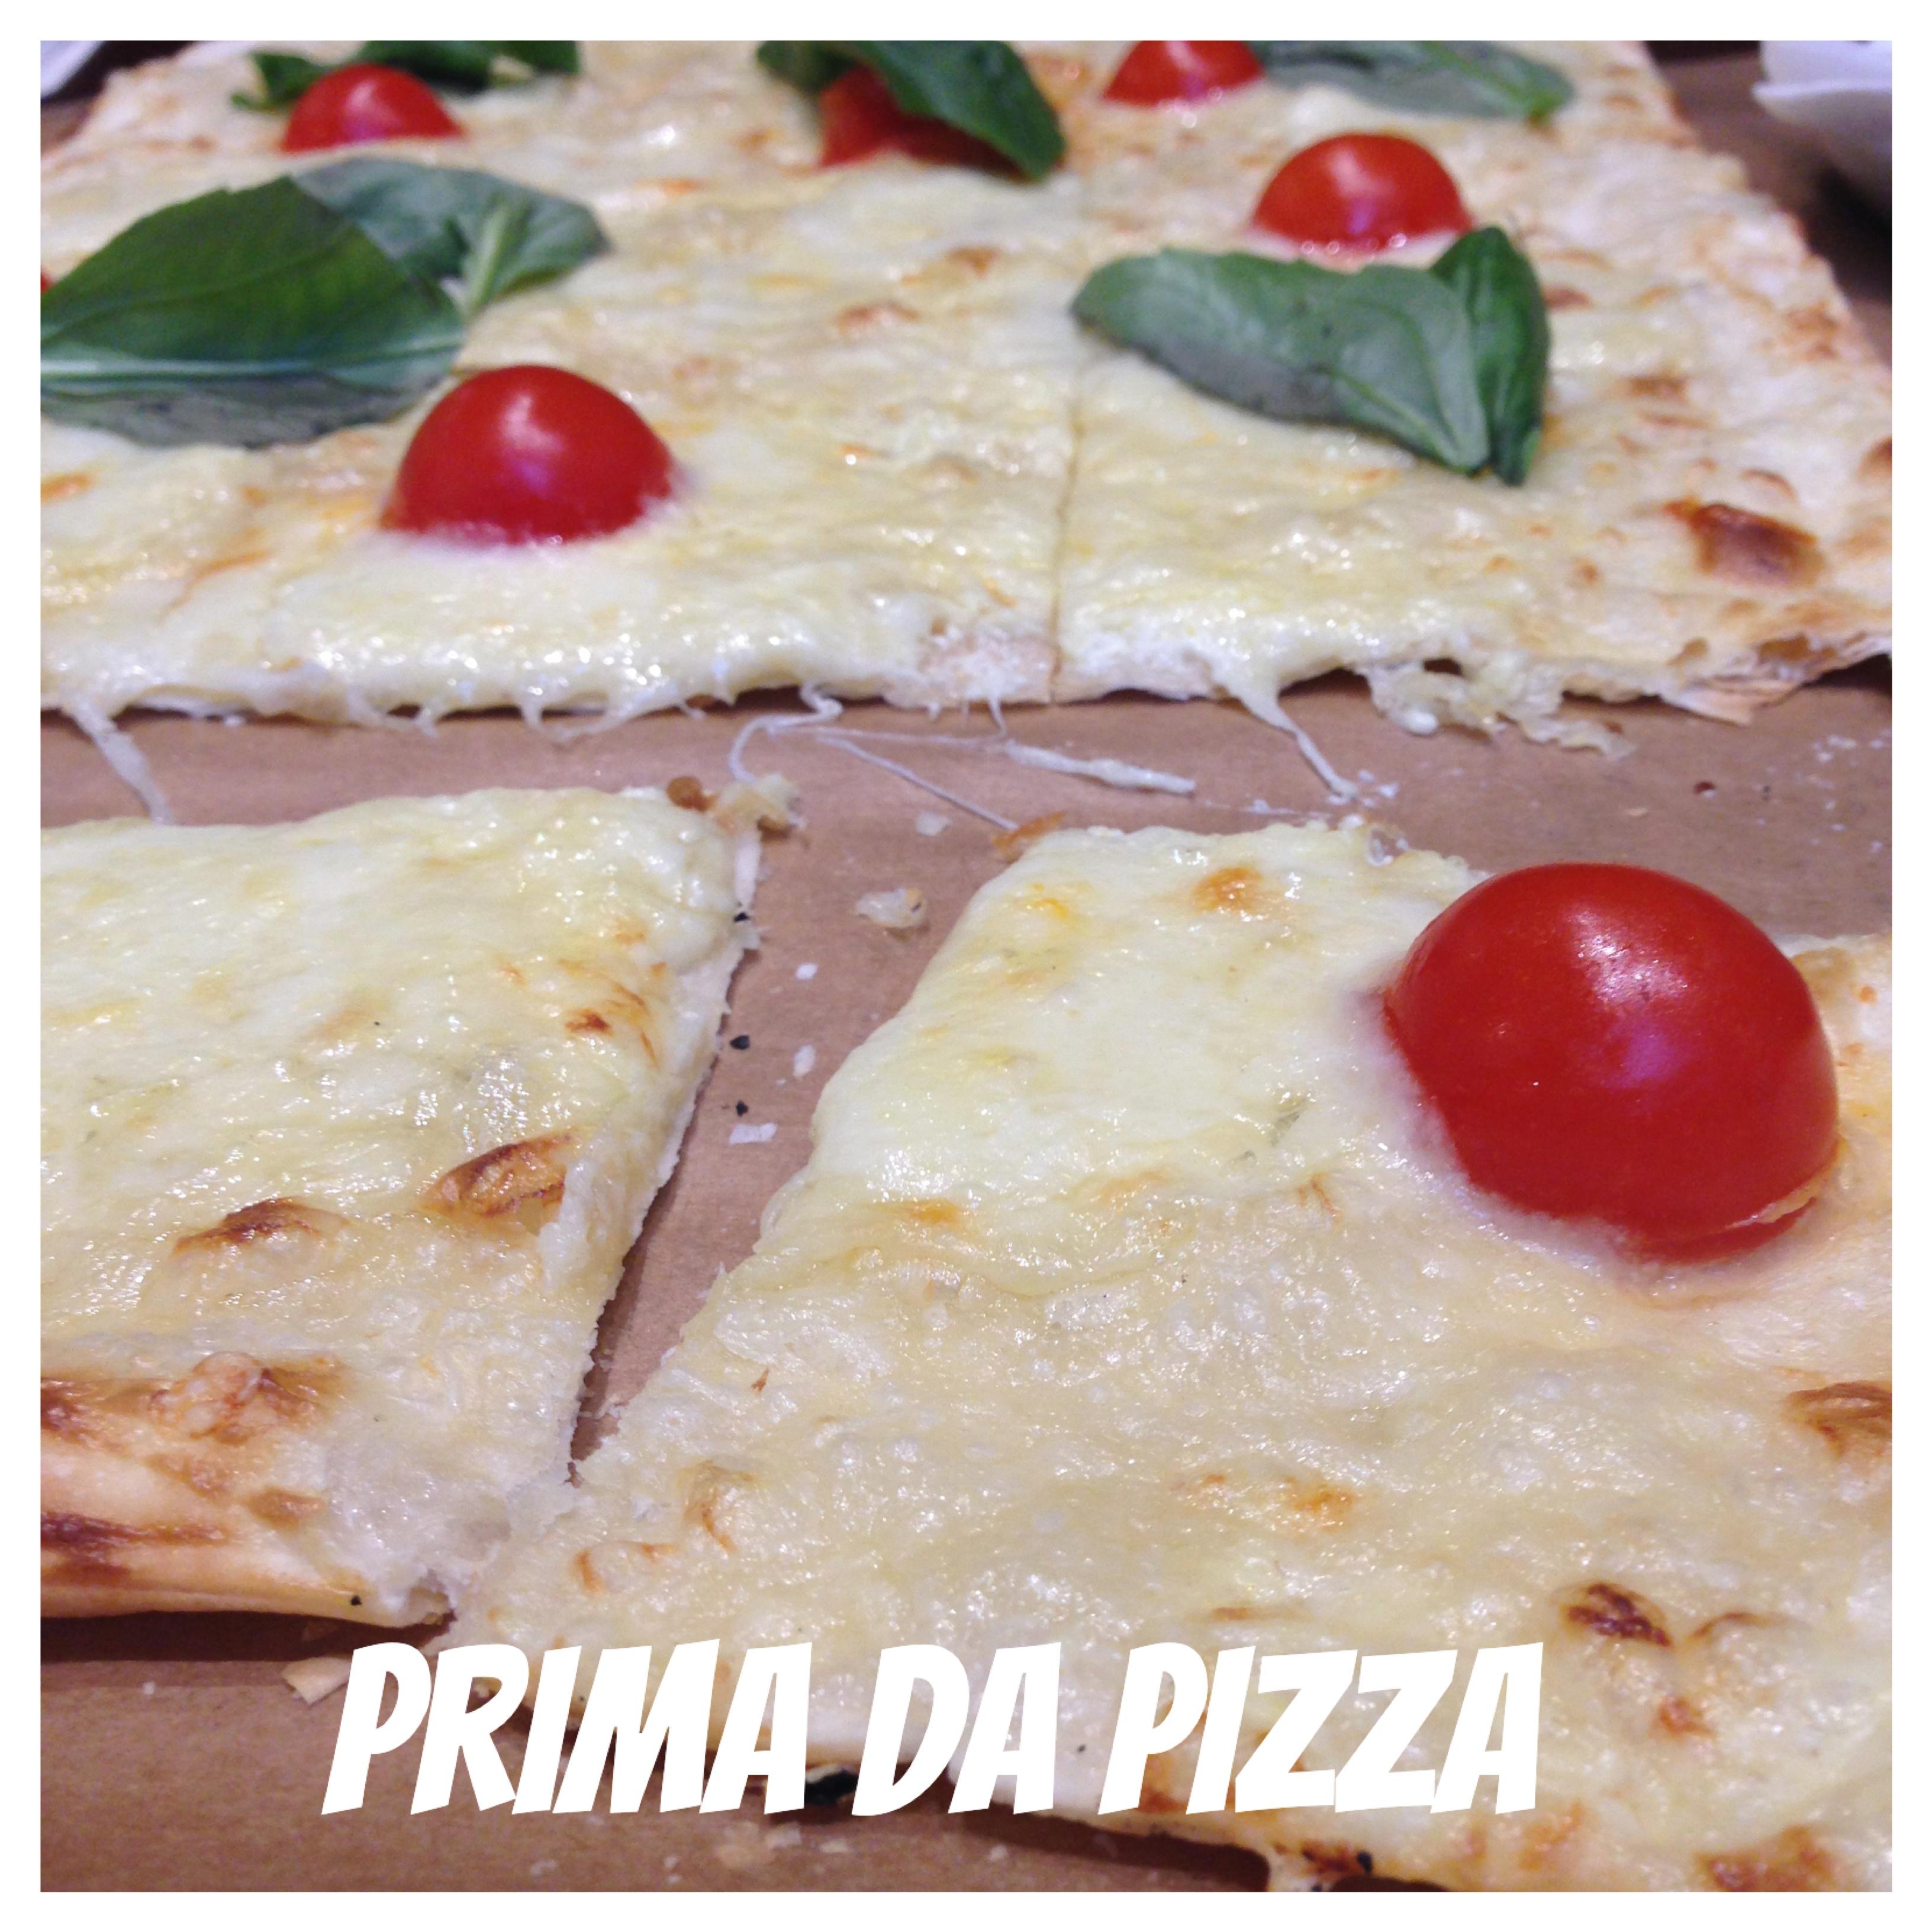 Prima da pizza